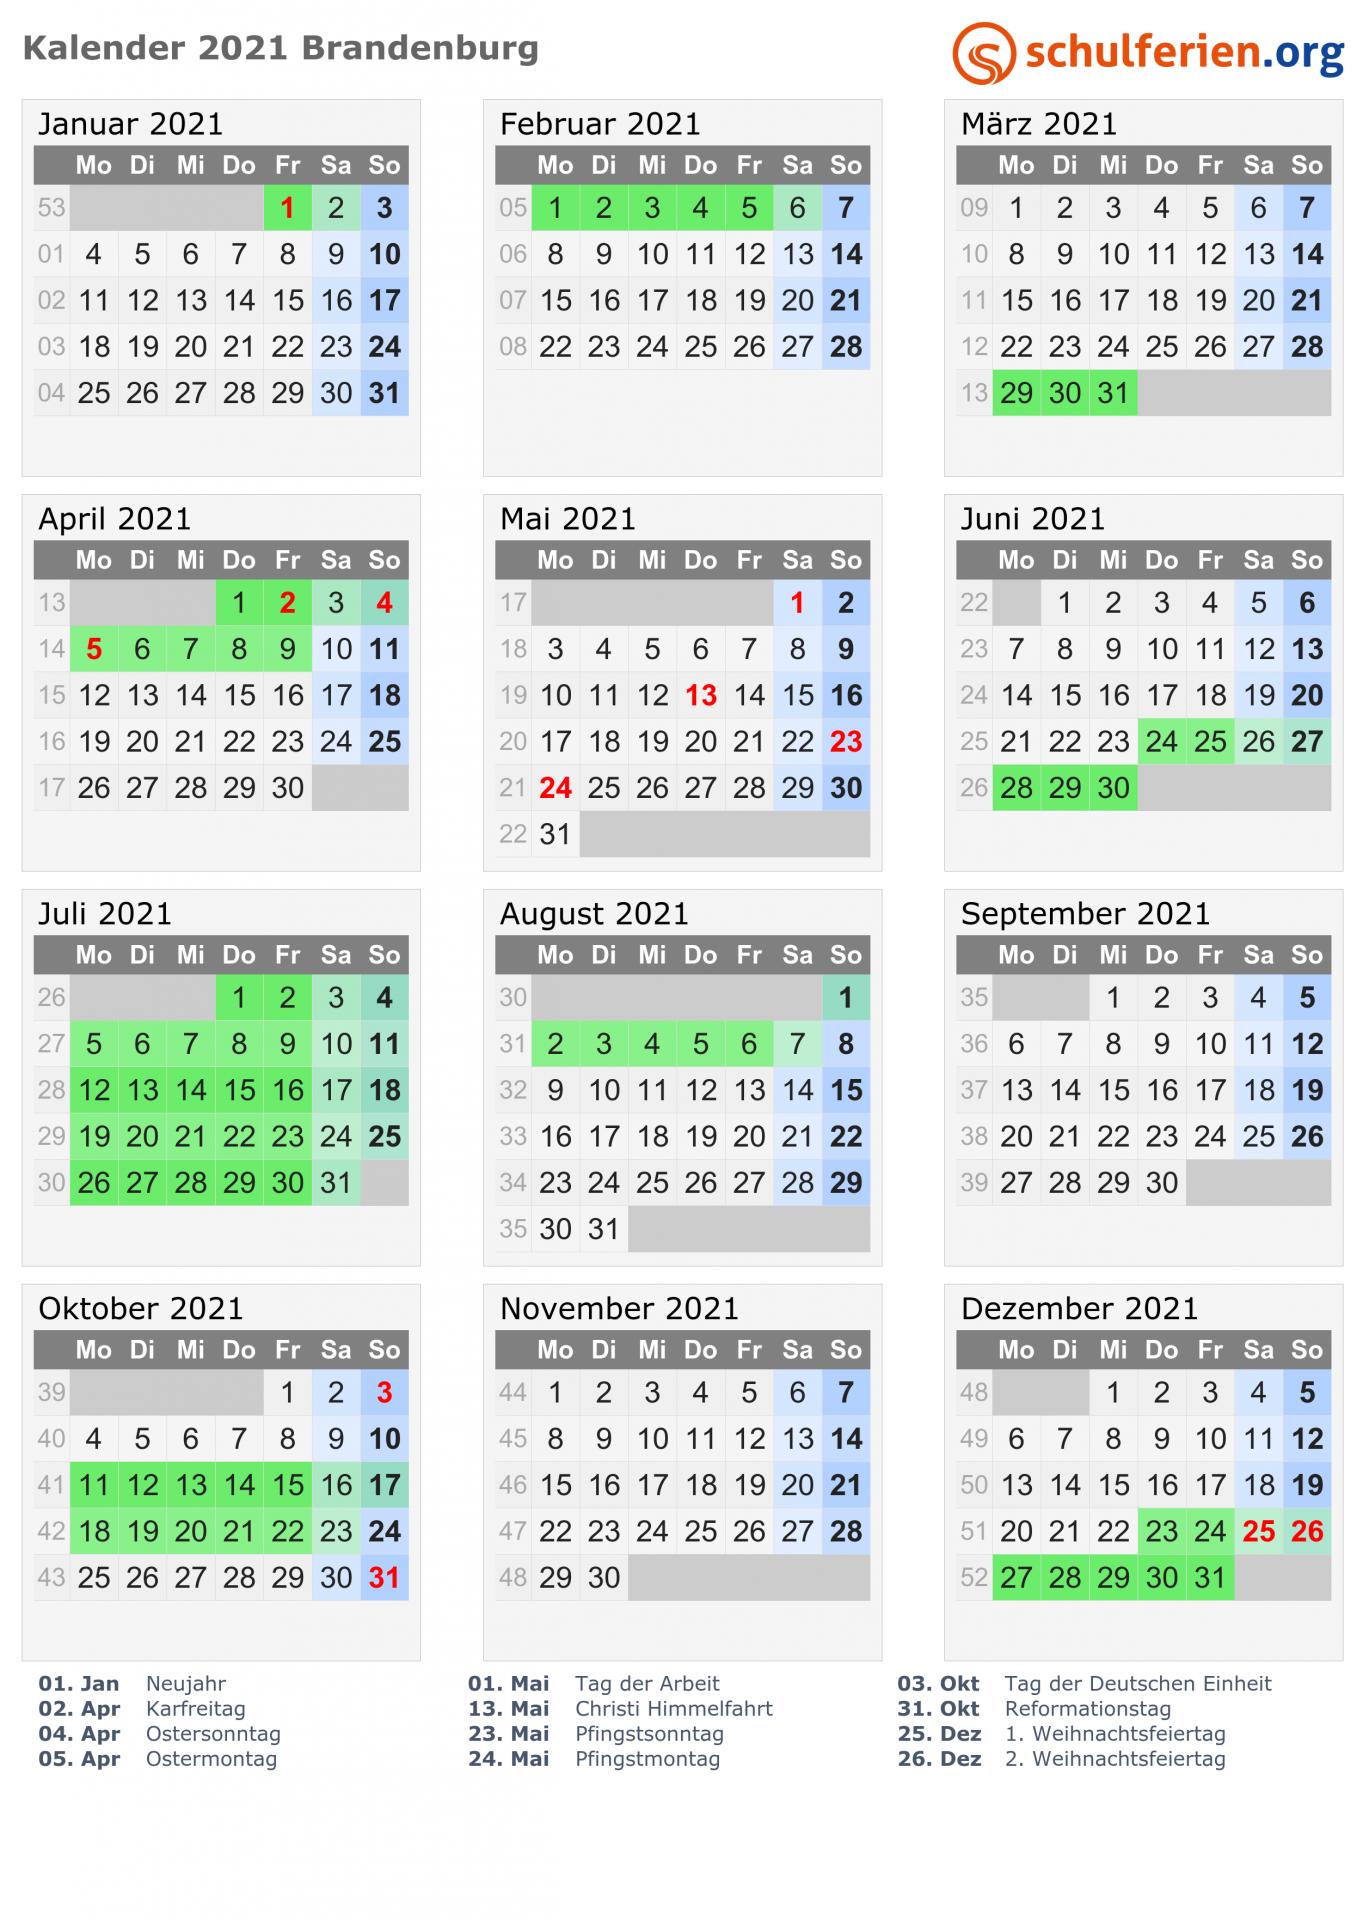 Ferienkalender-2021-Brandenburg